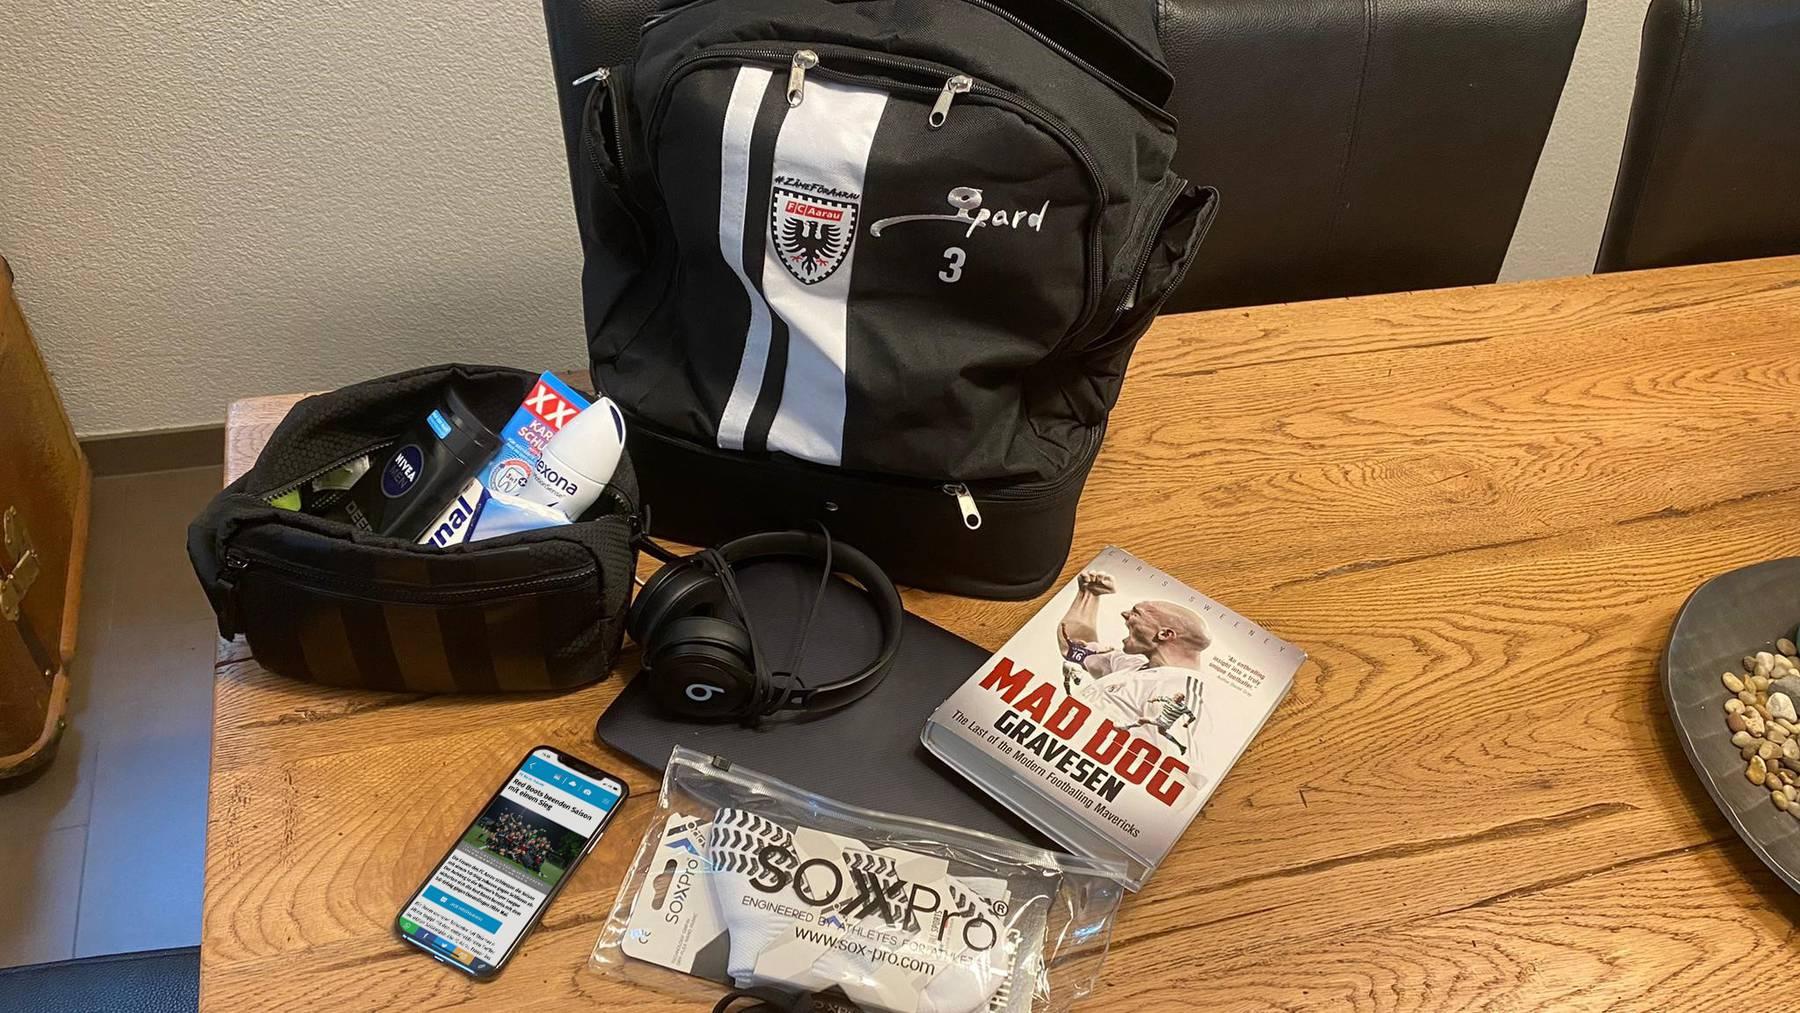 Welchem FCA-Spieler gehört diese Tasche?